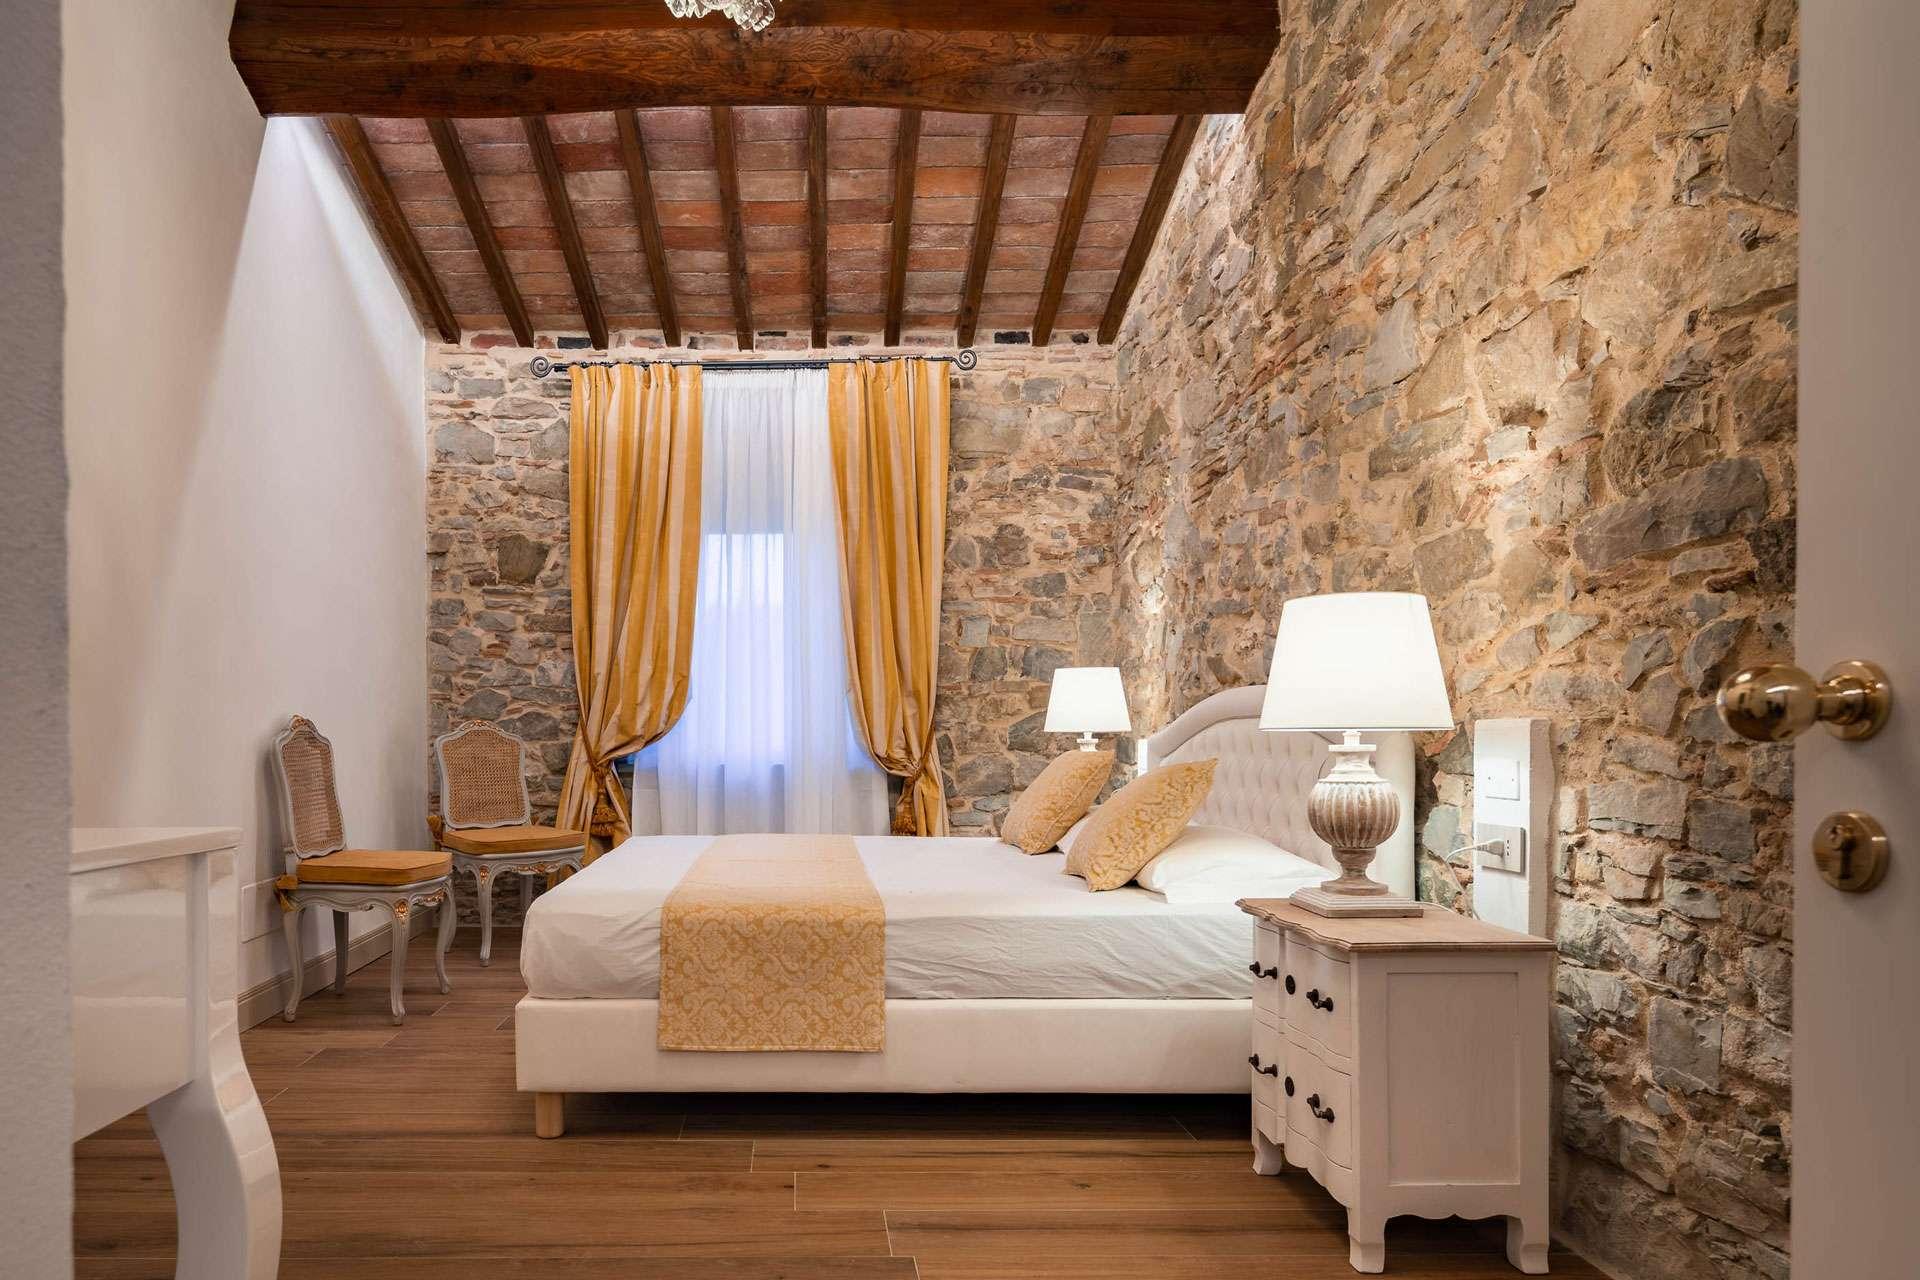 una delle camere con vista in campagna vicino a Firenze, con muri in pietra a vista